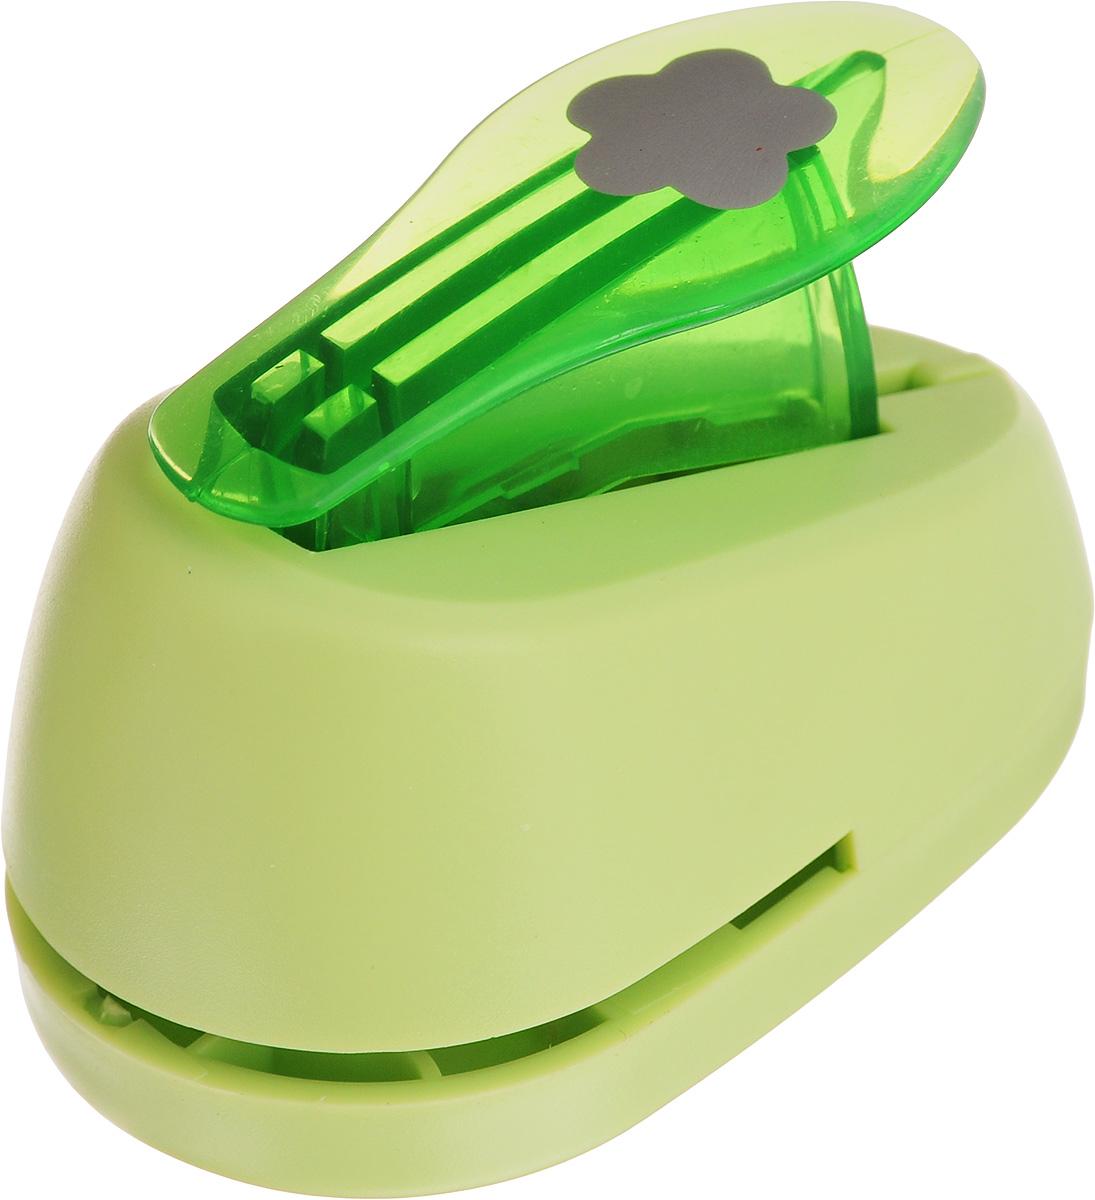 Дырокол фигурный Hobbyboom 5 лепестков, №93, цвет: салатовый, 1,8 смAC-2233_серыйДырокол фигурный Hobbyboom 5 лепестков, выполненный из прочного пластика и металла, используется в скрапбукинге для украшения открыток, карточек, коробочек и прочего.Применяется для прорезания фигурных отверстий в бумаге в форме цветка. Вырезанный элемент также можно использовать для украшения.Предназначен для бумаги плотностью от 80 до 200 г/м2. Размер дырокола: 7 х 4 х 4,5 см.Размер готовой фигурки: 1,8 х 1,8 см.